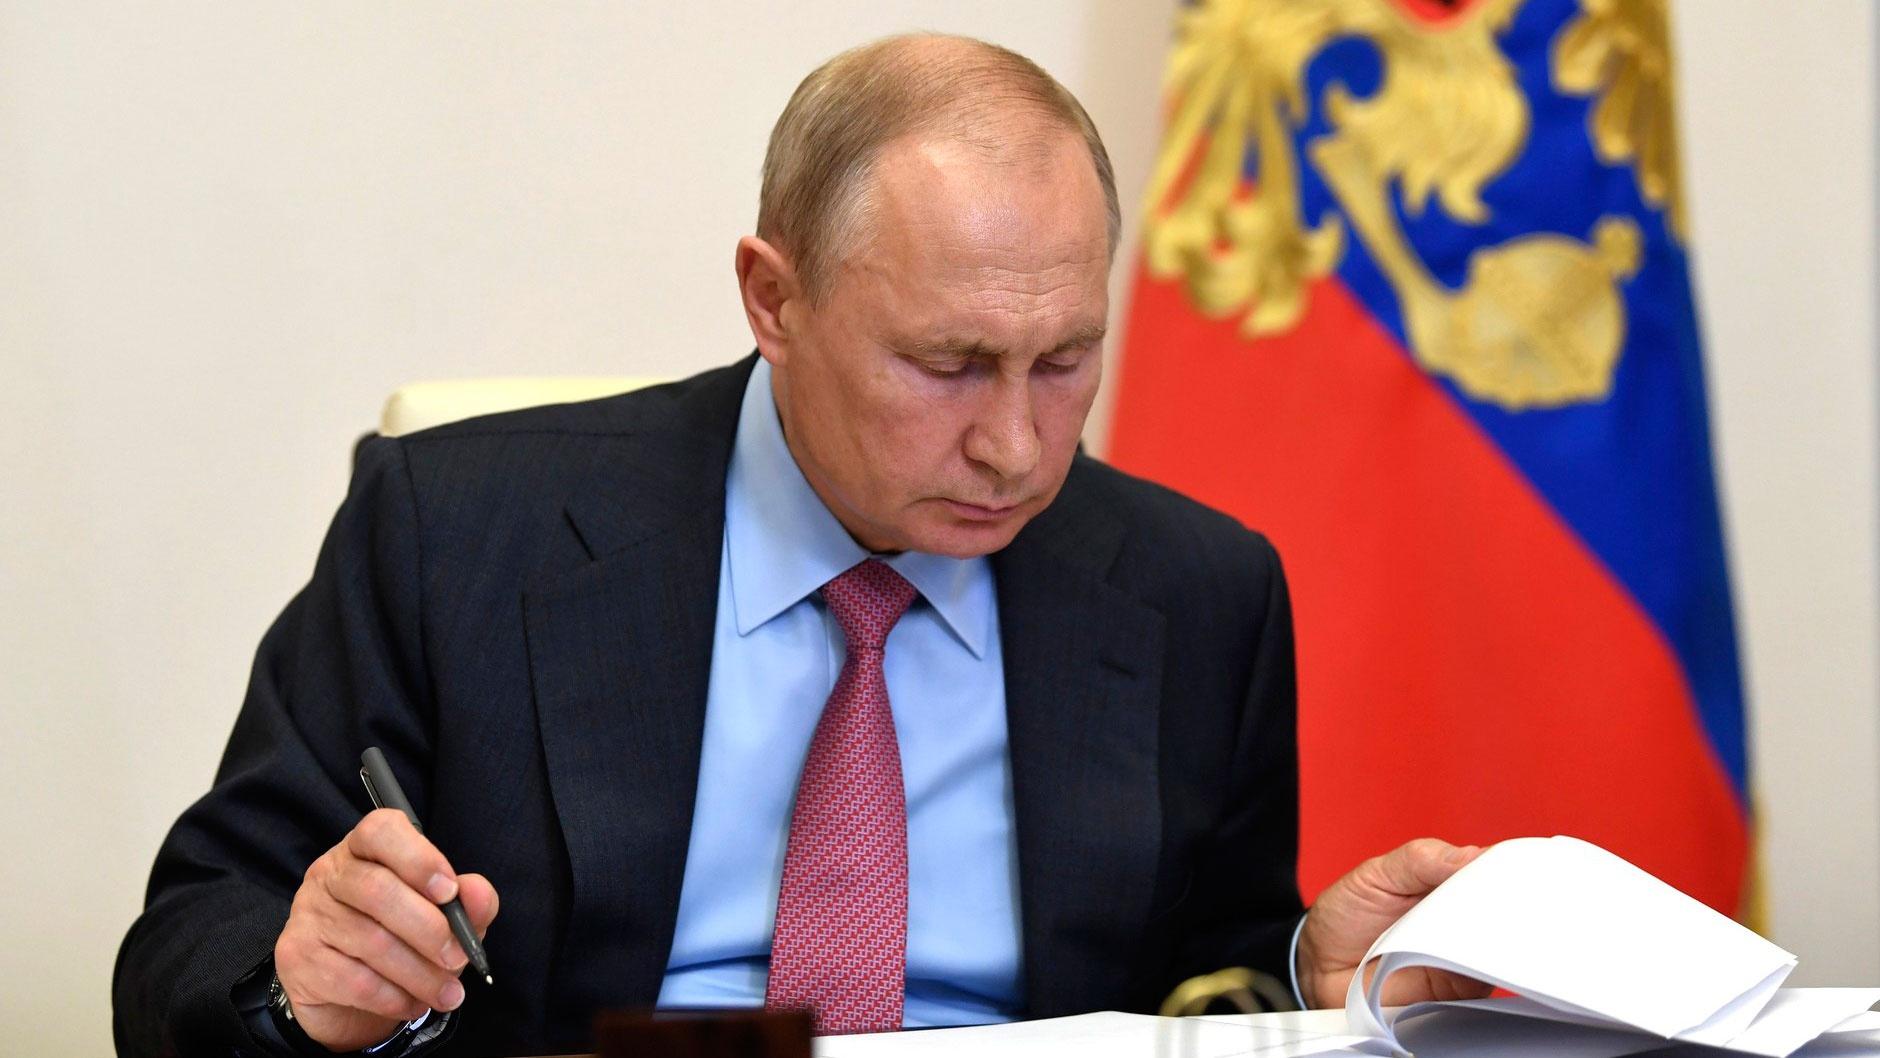 Путин поручил внести в список пострадавших от коронавируса отраслей ж/д перевозки и водный транспорт